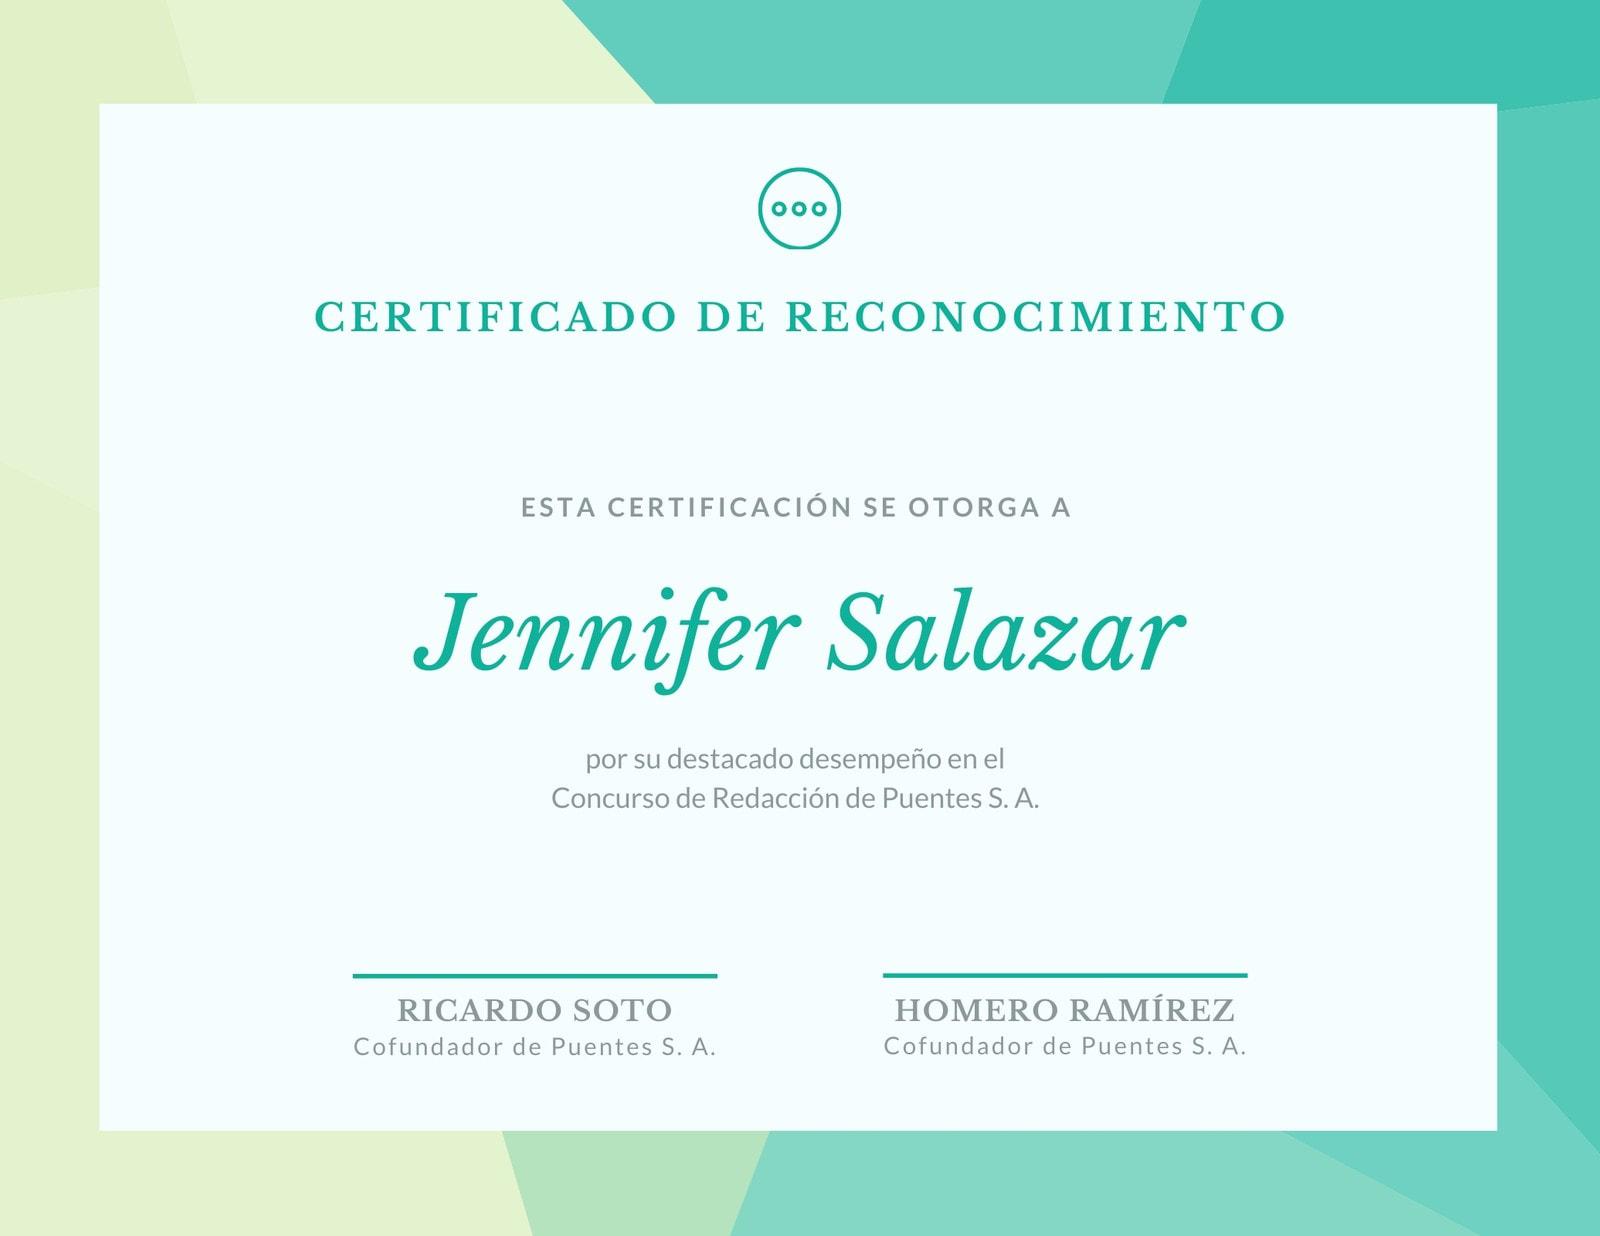 Verde Multitono Patrón Reconocimiento Certificado